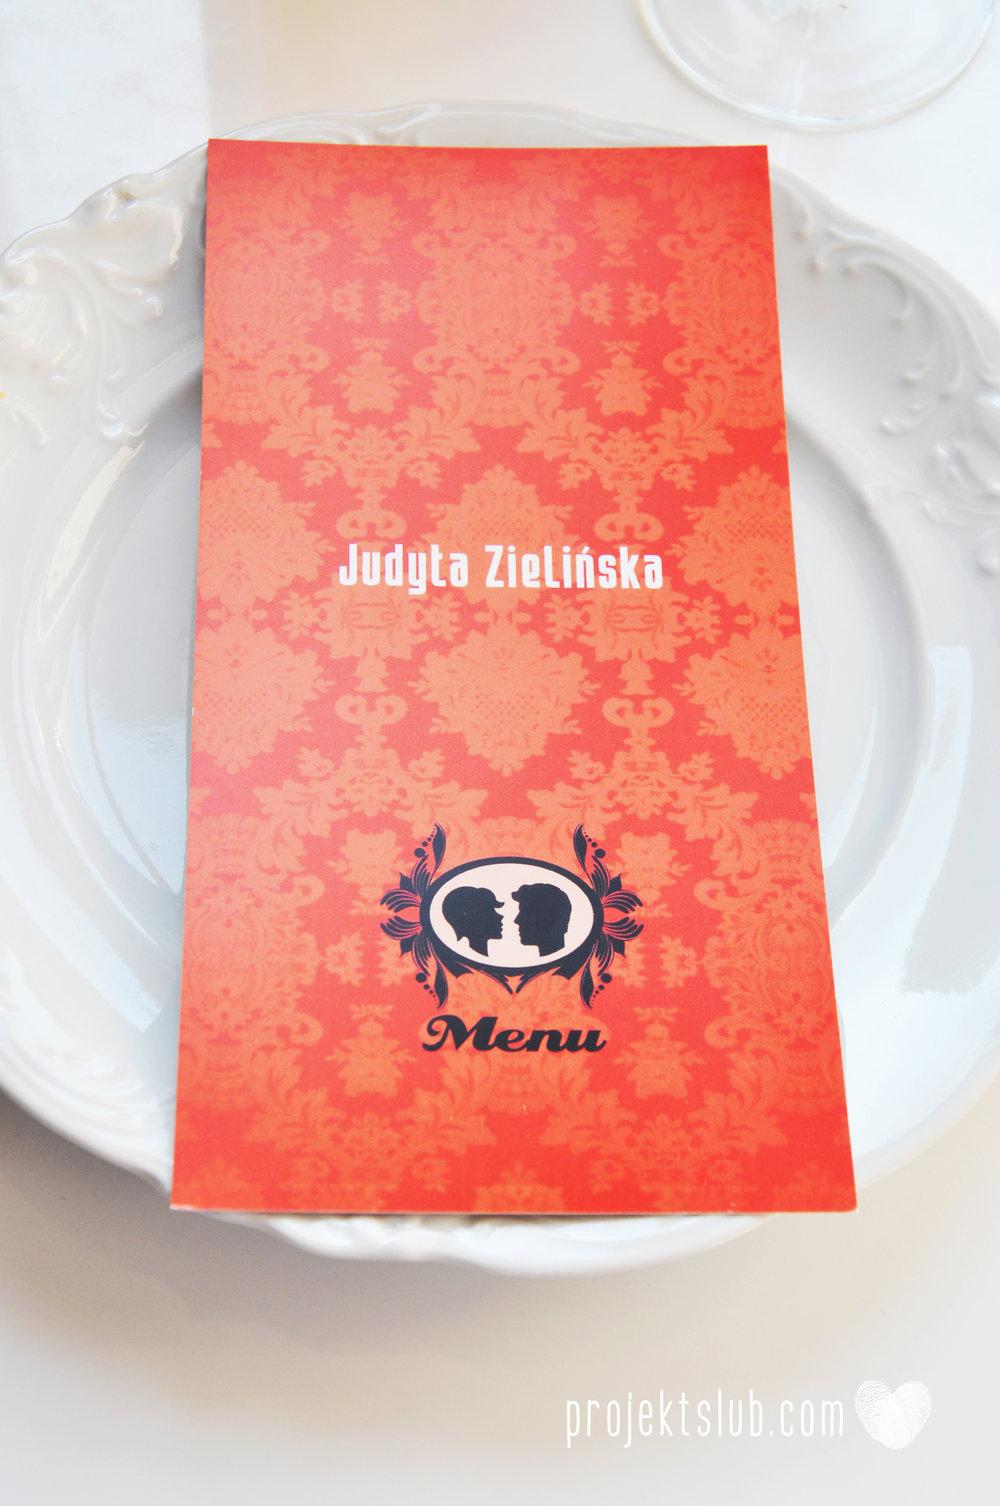 Oryginalne zaproszenie ślubne z kameą czerwone ze wstążką i zdjęciem narzeczonych wyjątkowy design elegancka grafika Czerwień Kamei Projekt Ślub (24).jpg